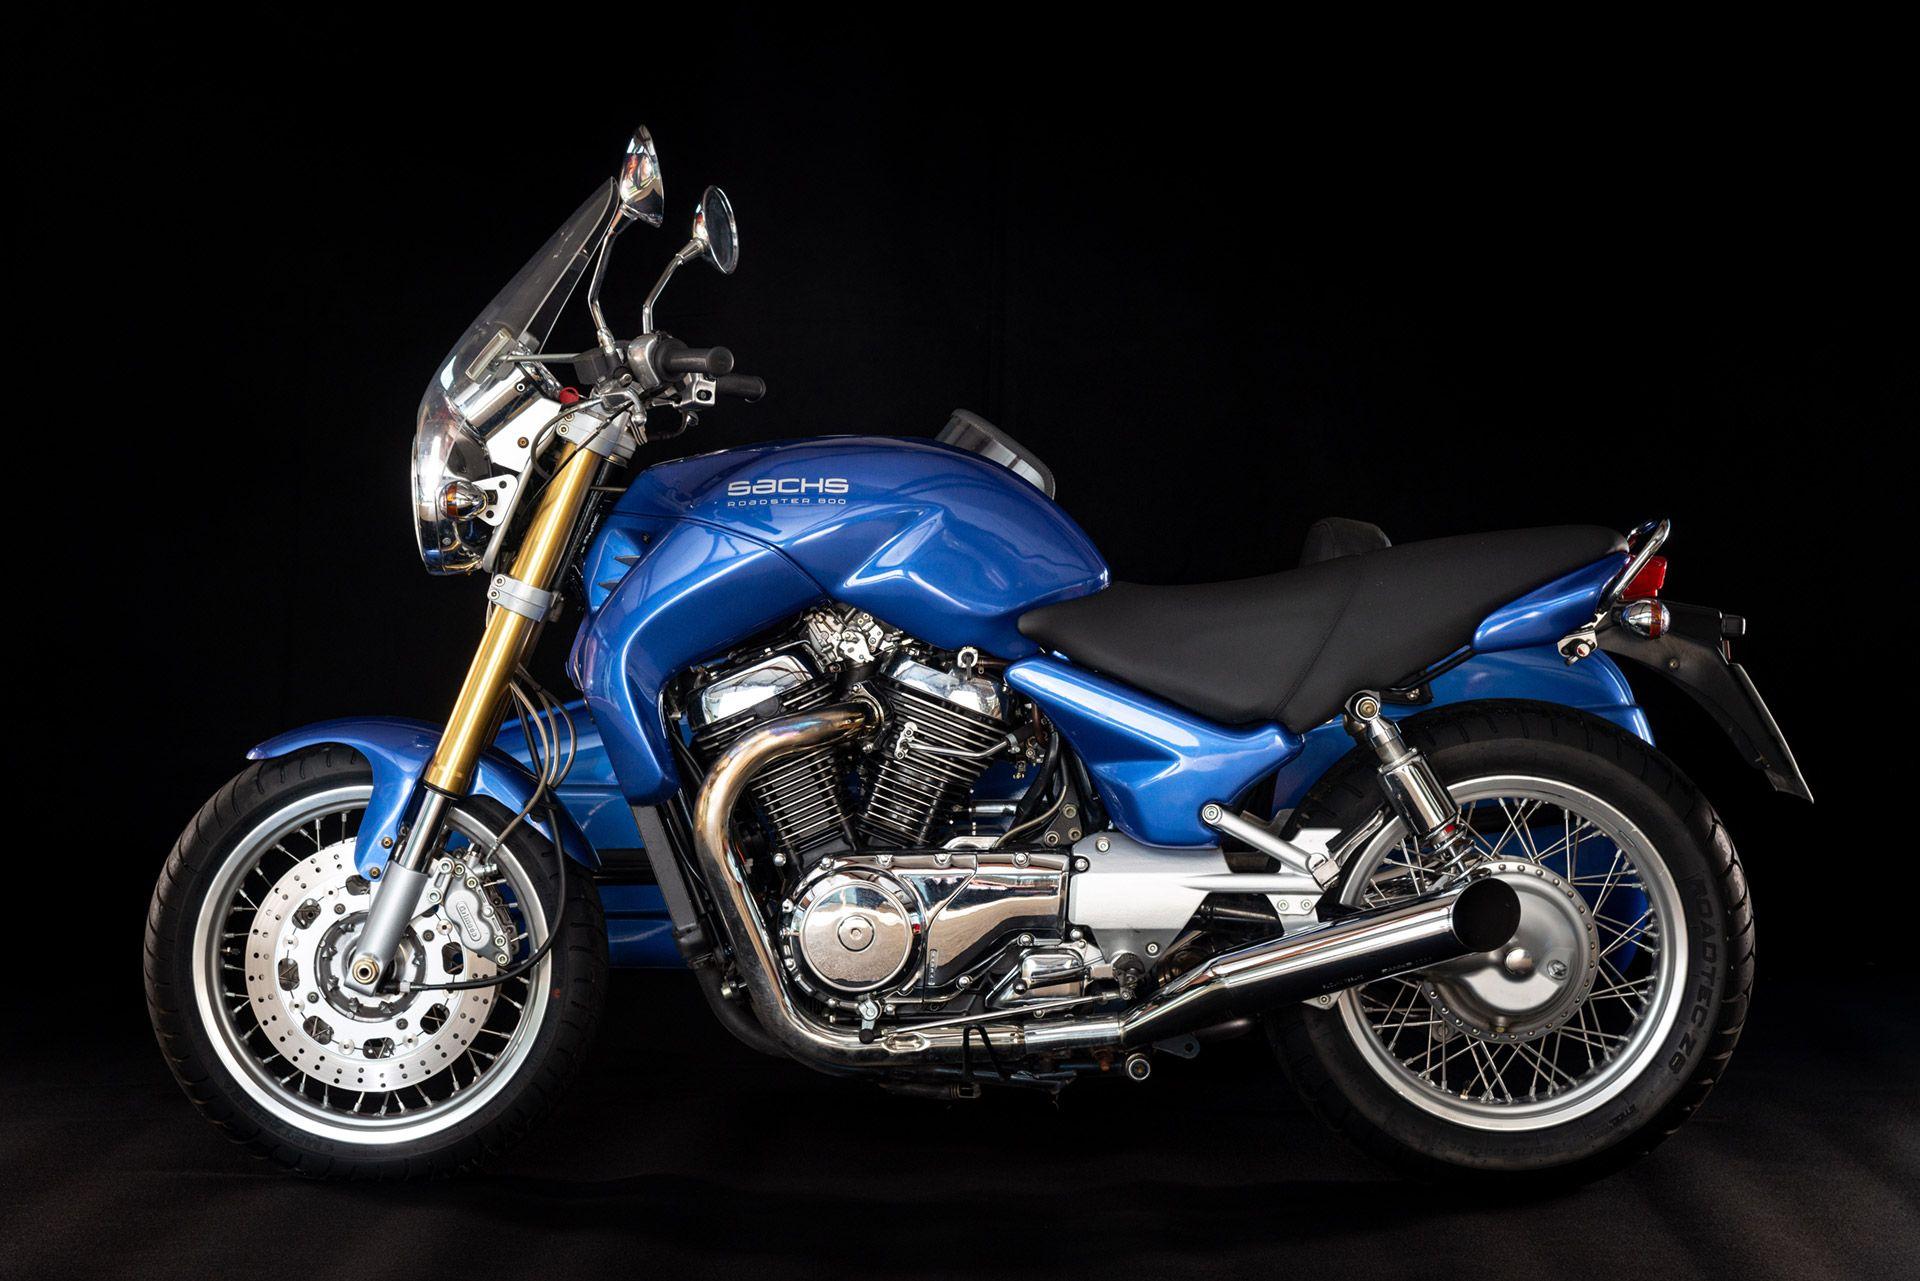 Fahrschulmotorrad Sachs mit Beiwagen in Blau